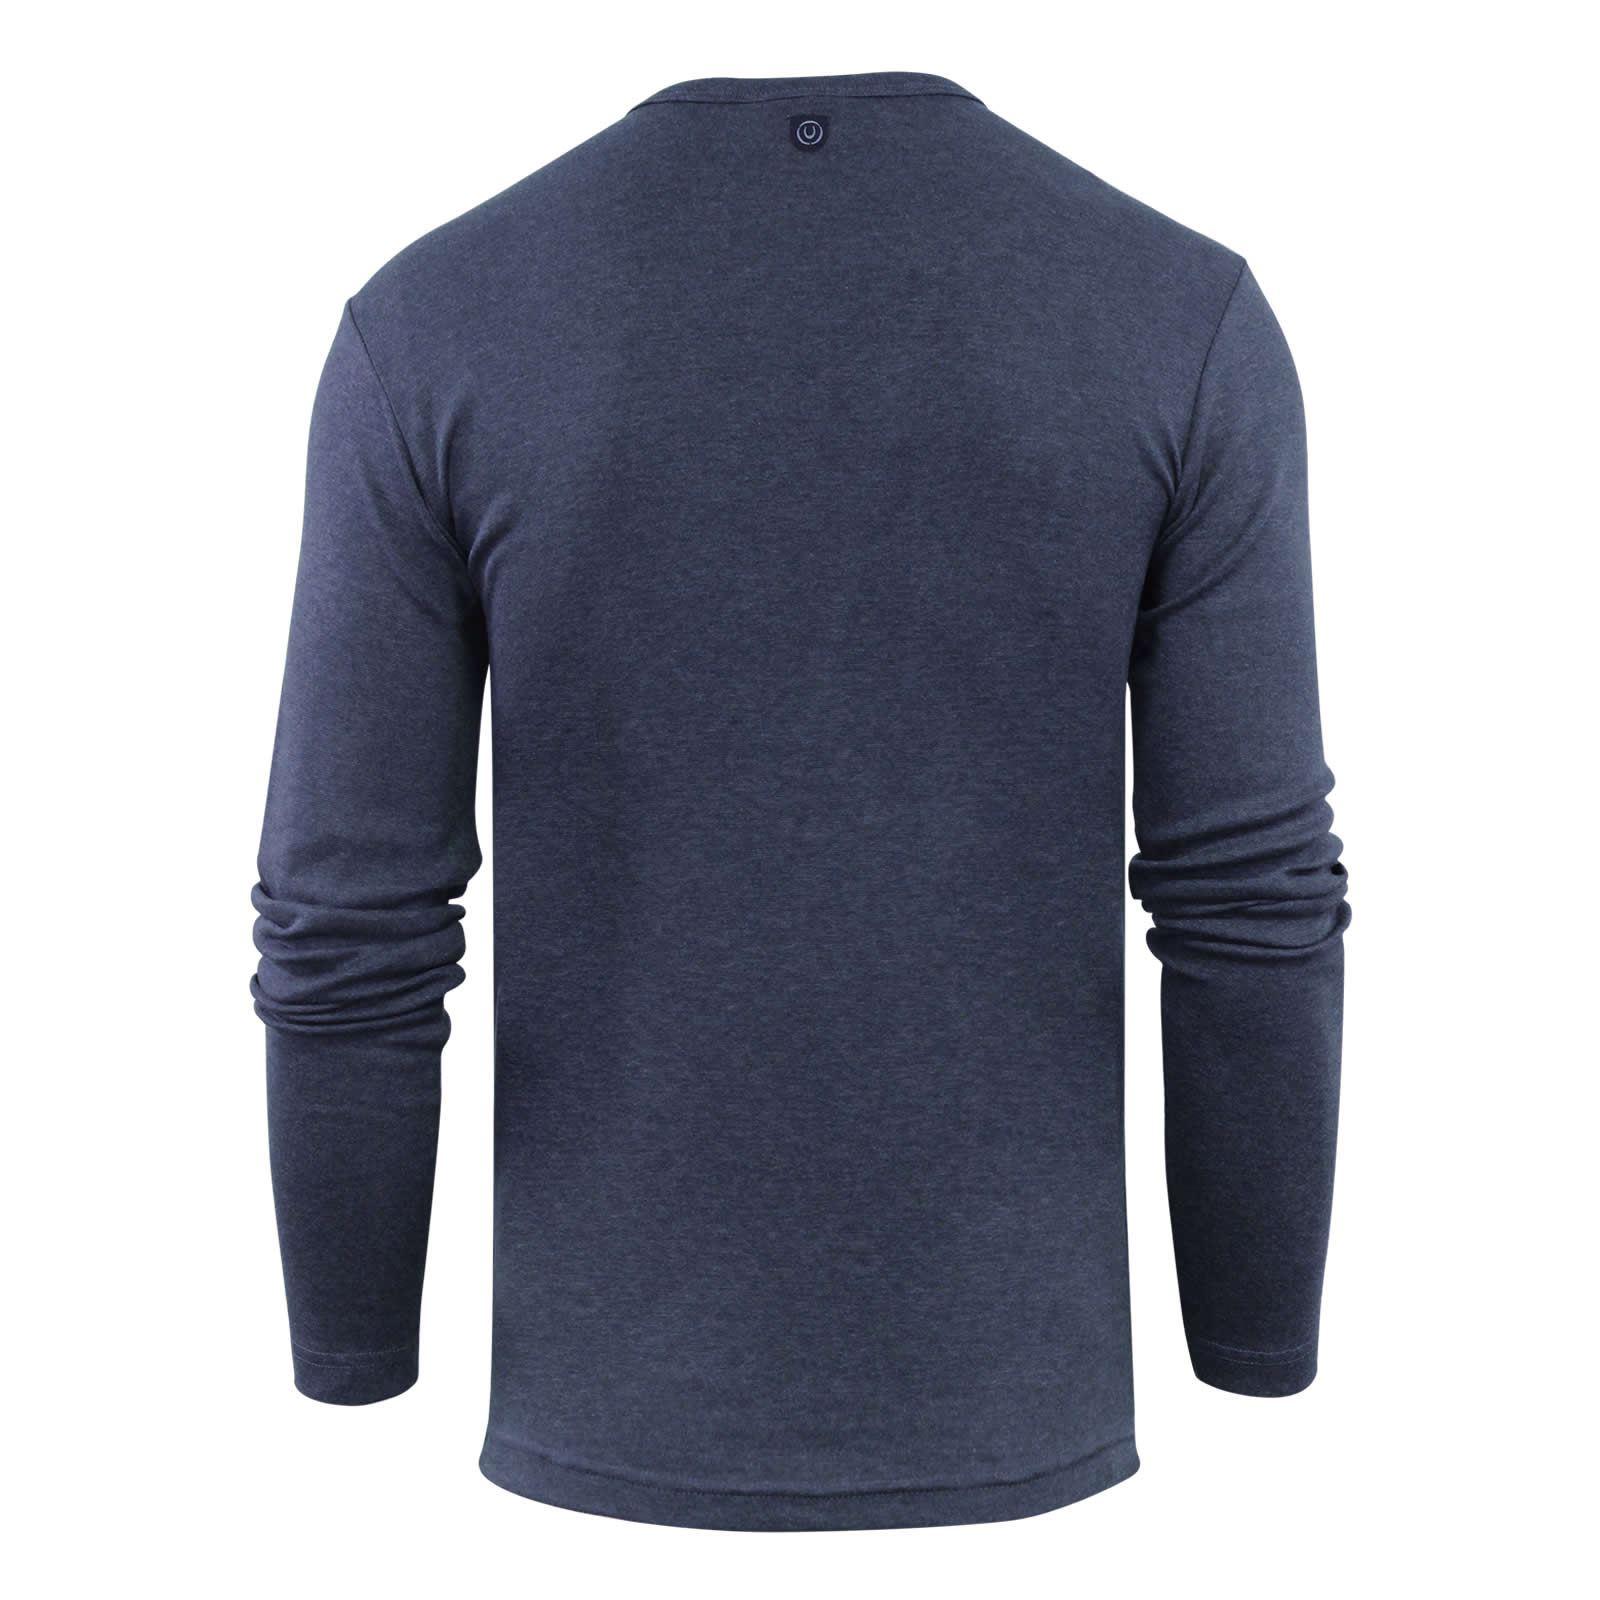 Duck-amp-Cover-STOCK-Homme-T-shirt-coton-confort-stretch-a-encolure-ras-du-cou-T-shirt-manches miniature 11